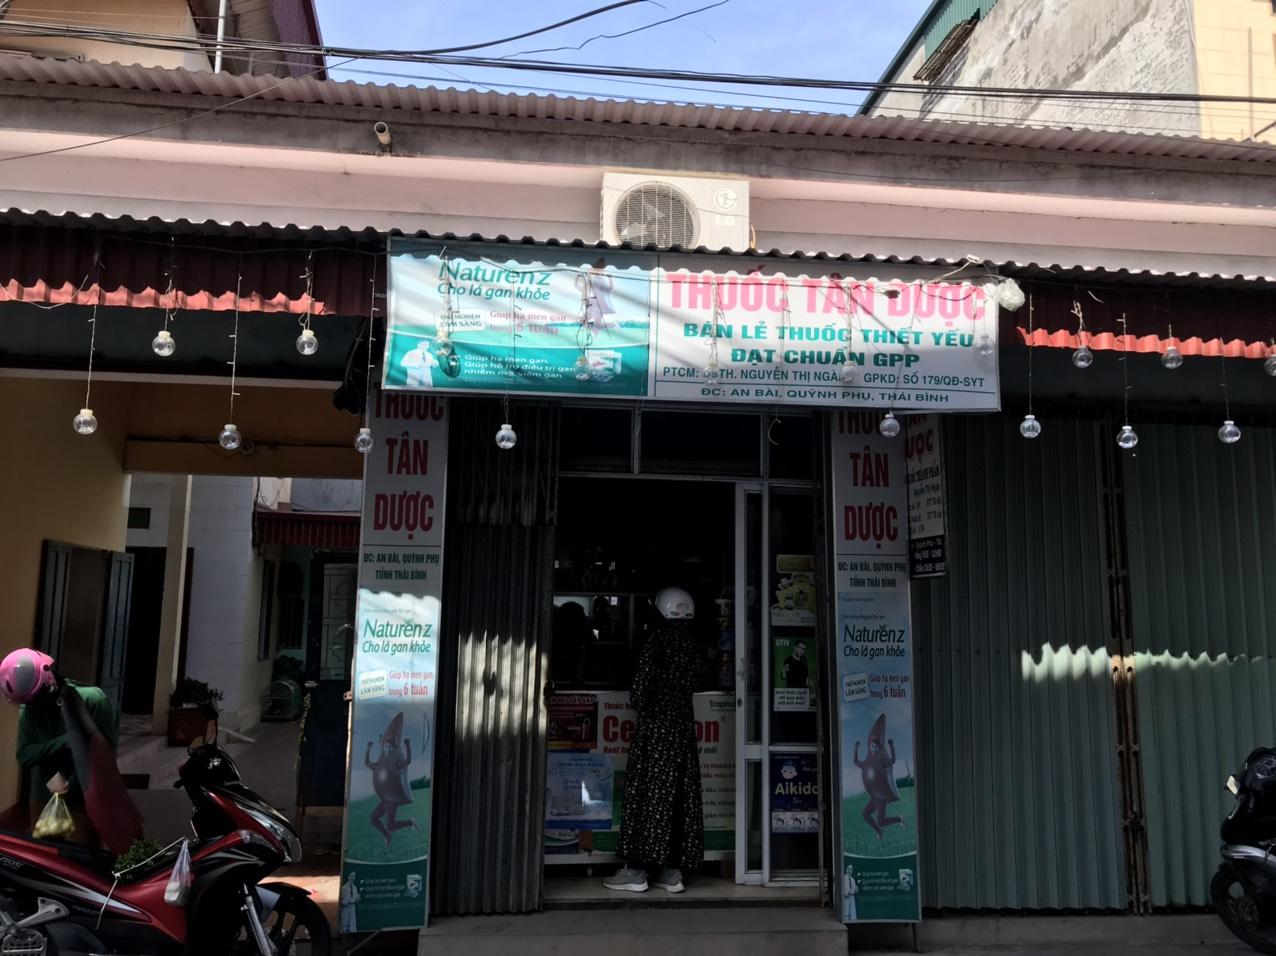 QT Nguyễn Thị Ngàn